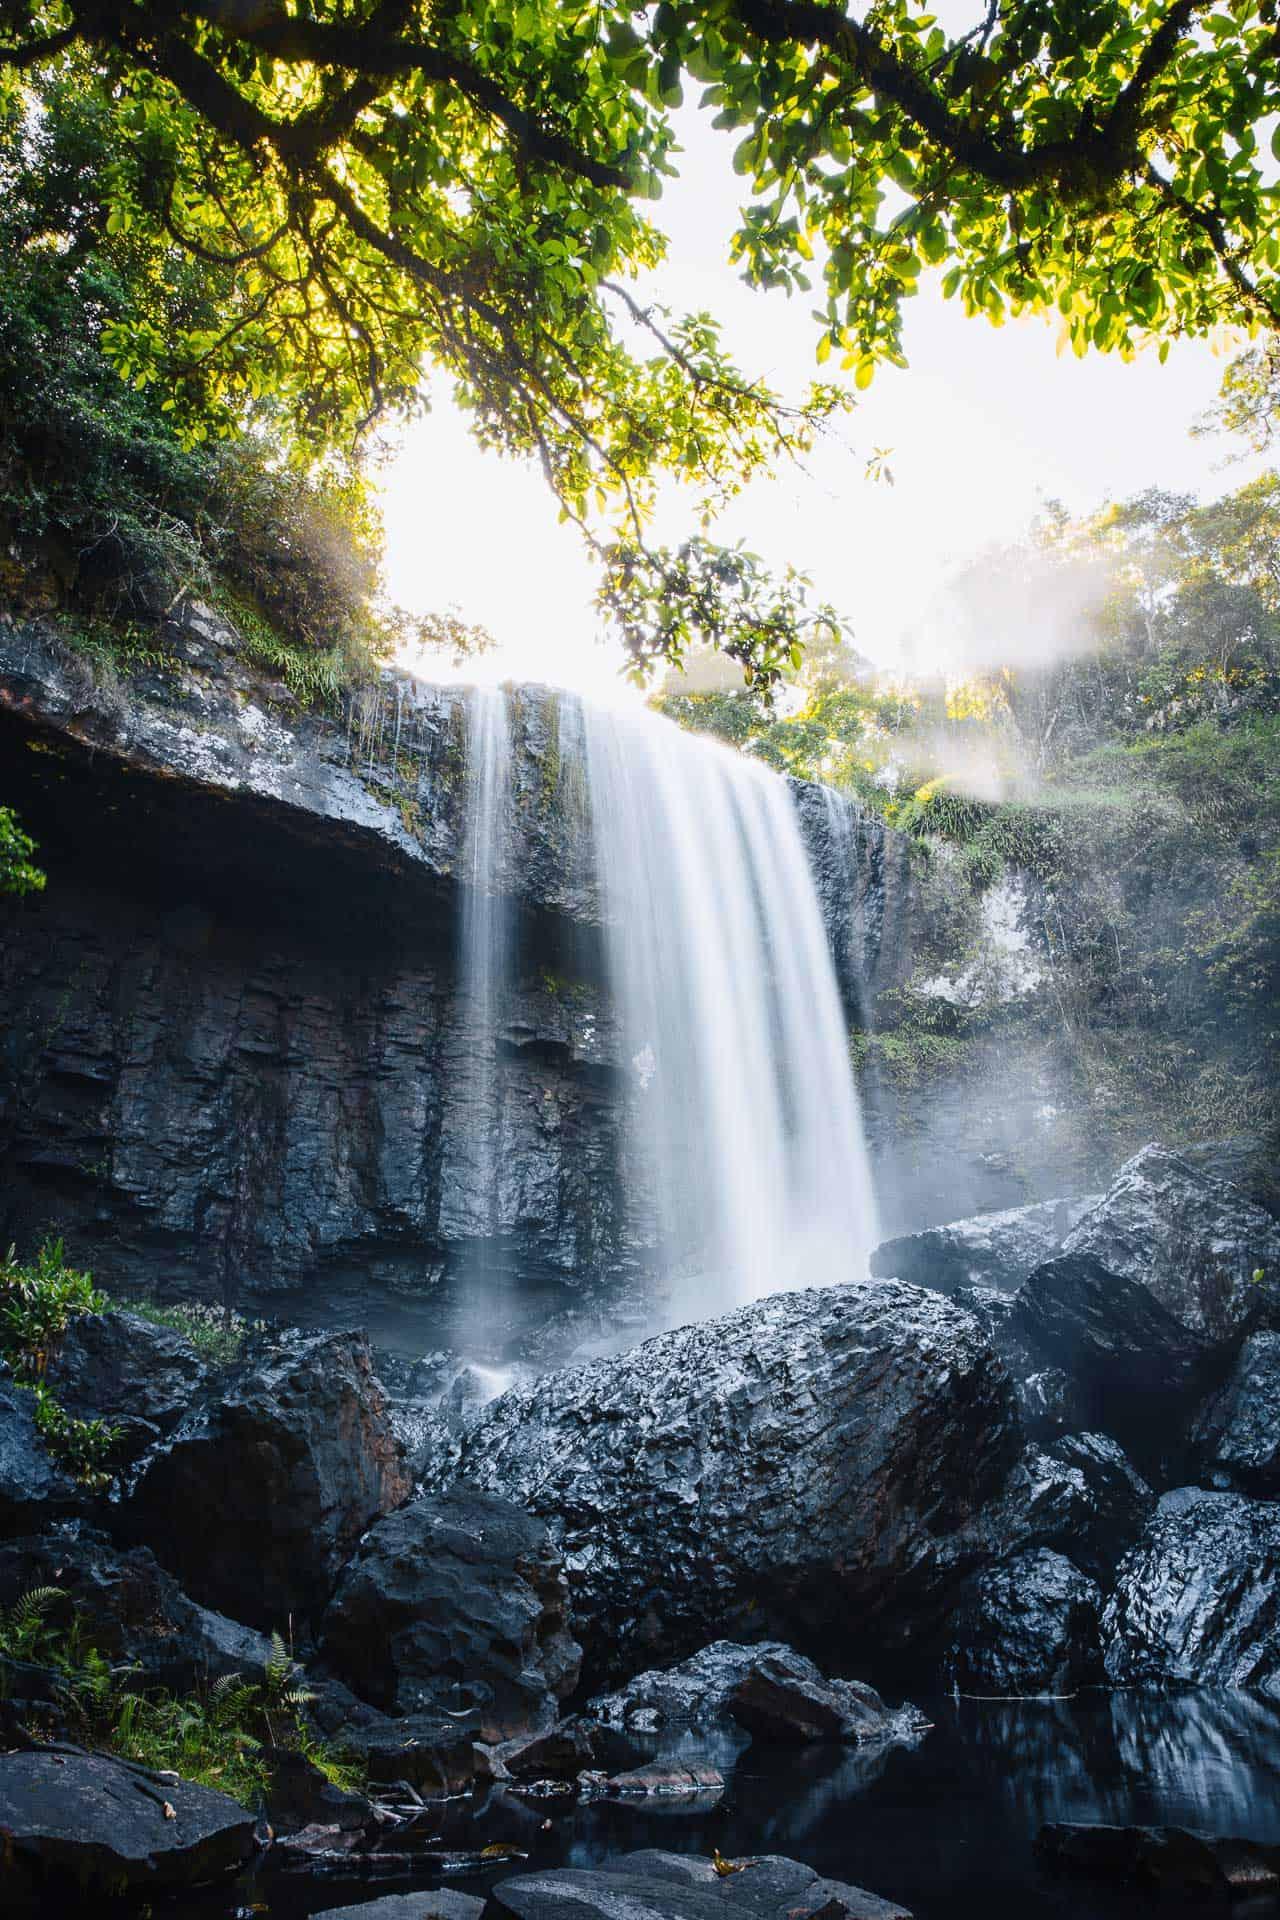 zillie falls, waterfall circuit cairns